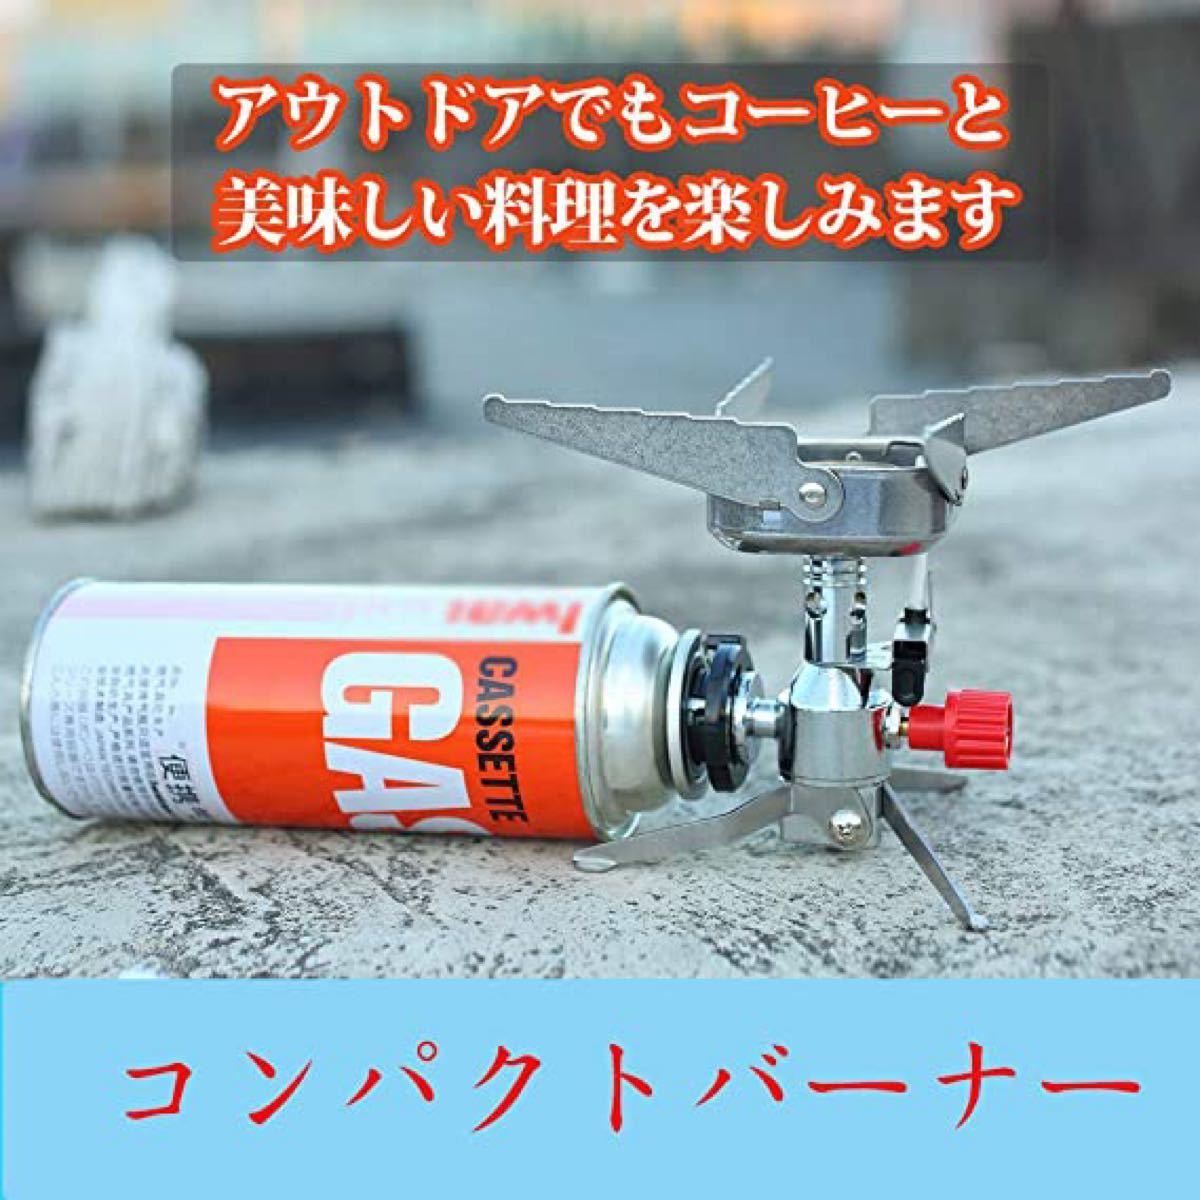 シングルバーナーストーブケース 折りたたみ式 CB缶対応